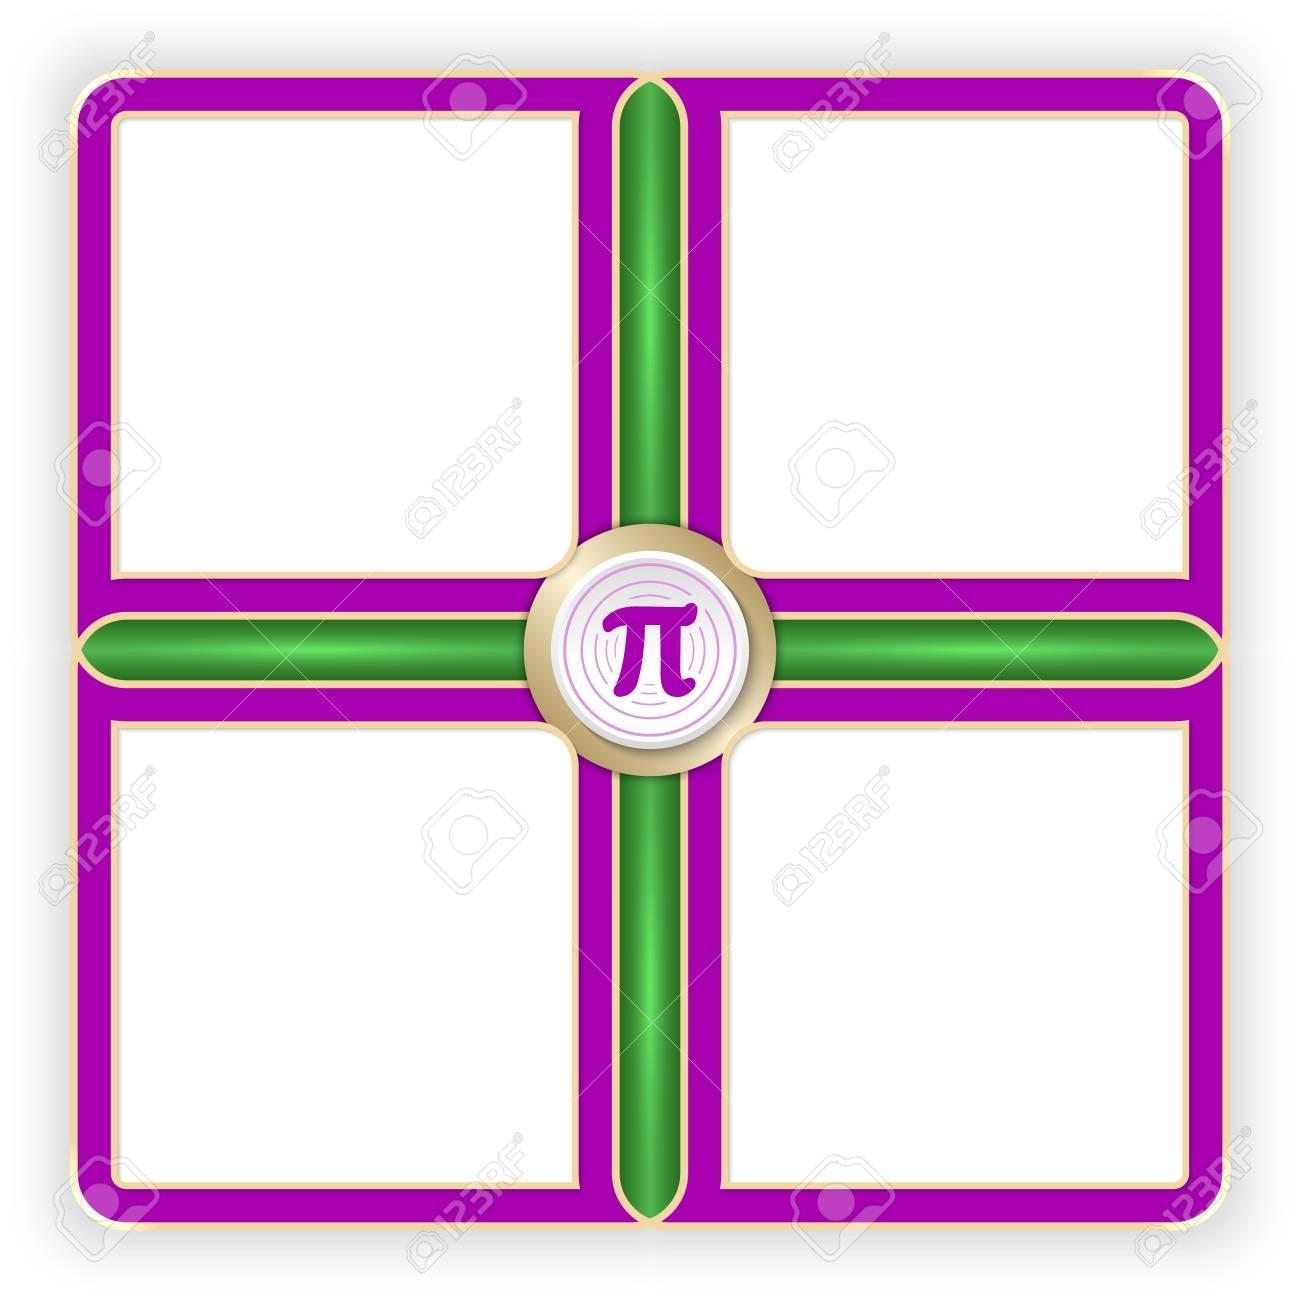 Marcos Del Vector De Color Púrpura Para El Símbolo De Texto Y PI ...